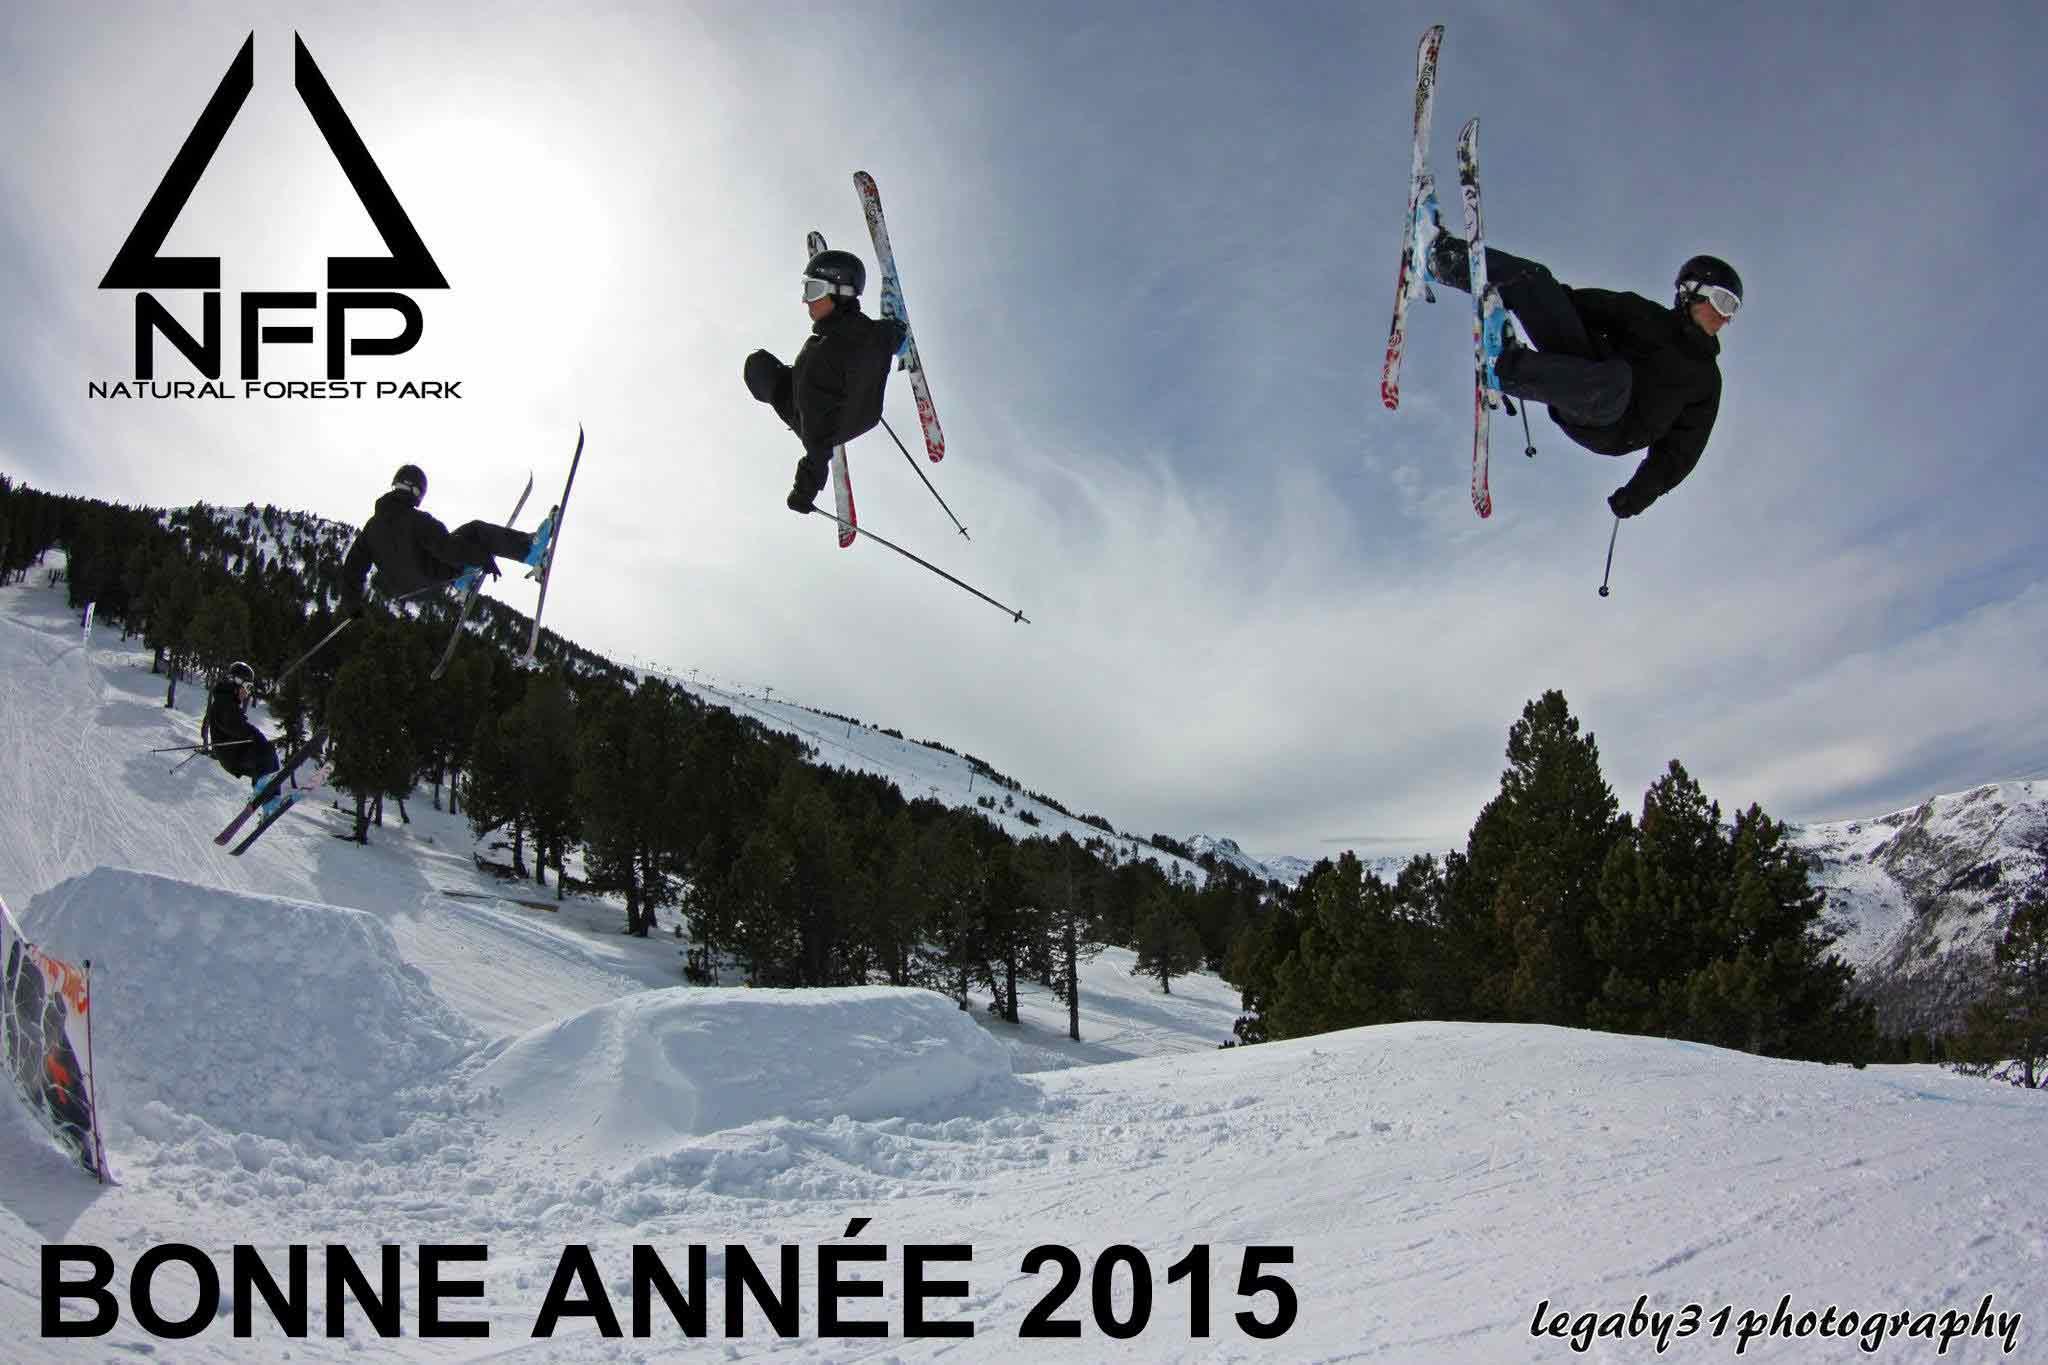 Visuel de Community Manager pour le Snow Park d'Ax 3 Domaines en Ariège